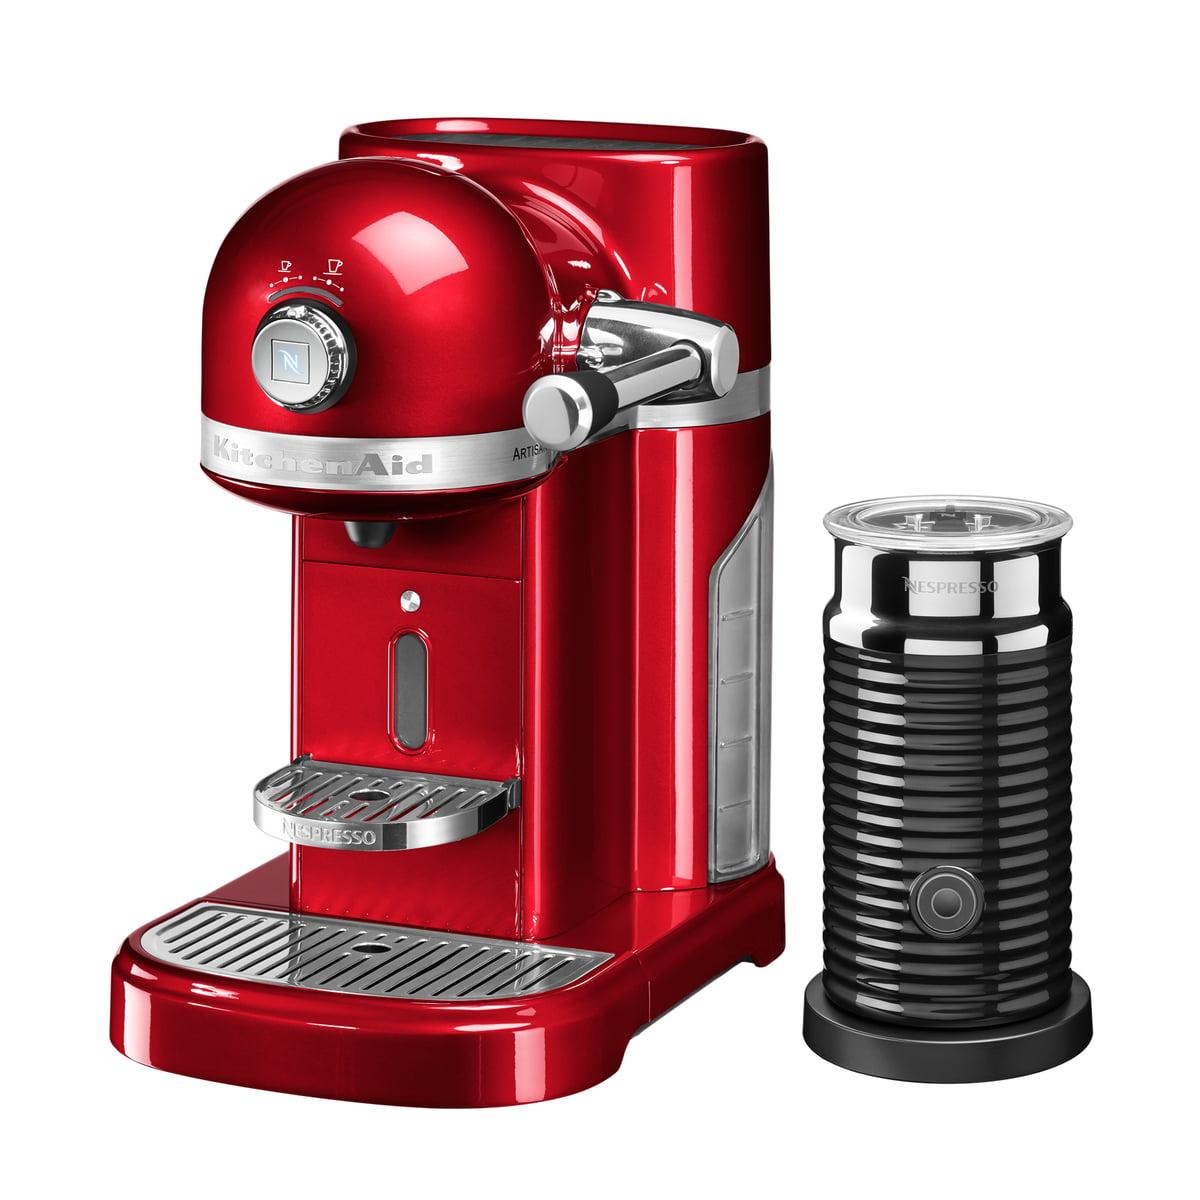 Kitchen Aid KitchenAid - Artisan Nespresso inkl. Aeroccino 3, empire rot | Küche und Esszimmer > Kaffee und Tee > Espressomaschinen | Backstein | Edelstahlgehäuse | Kitchen Aid